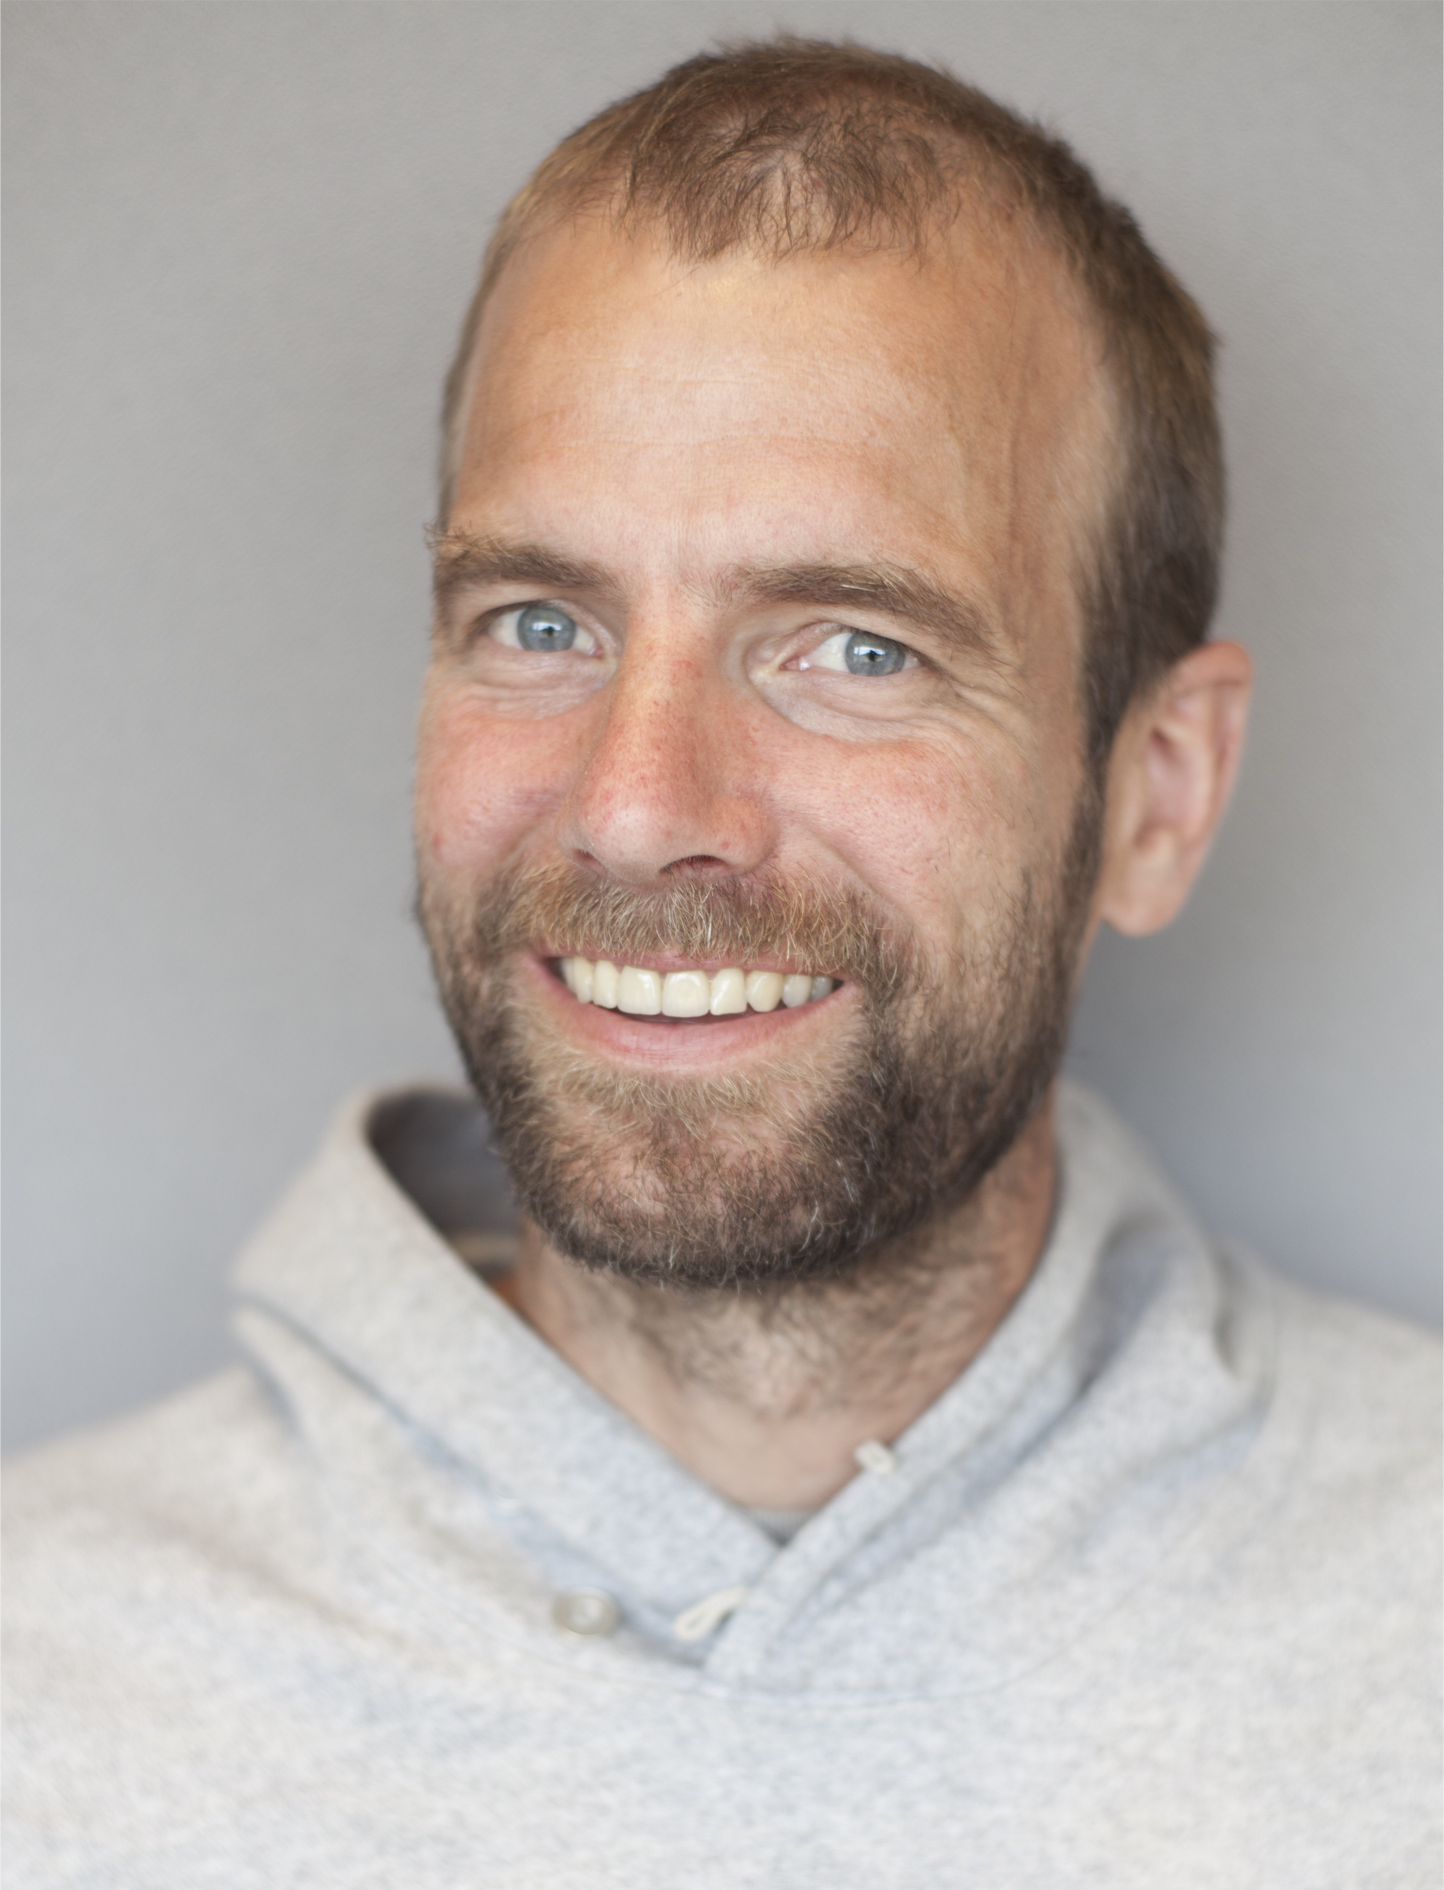 Erik Harstad